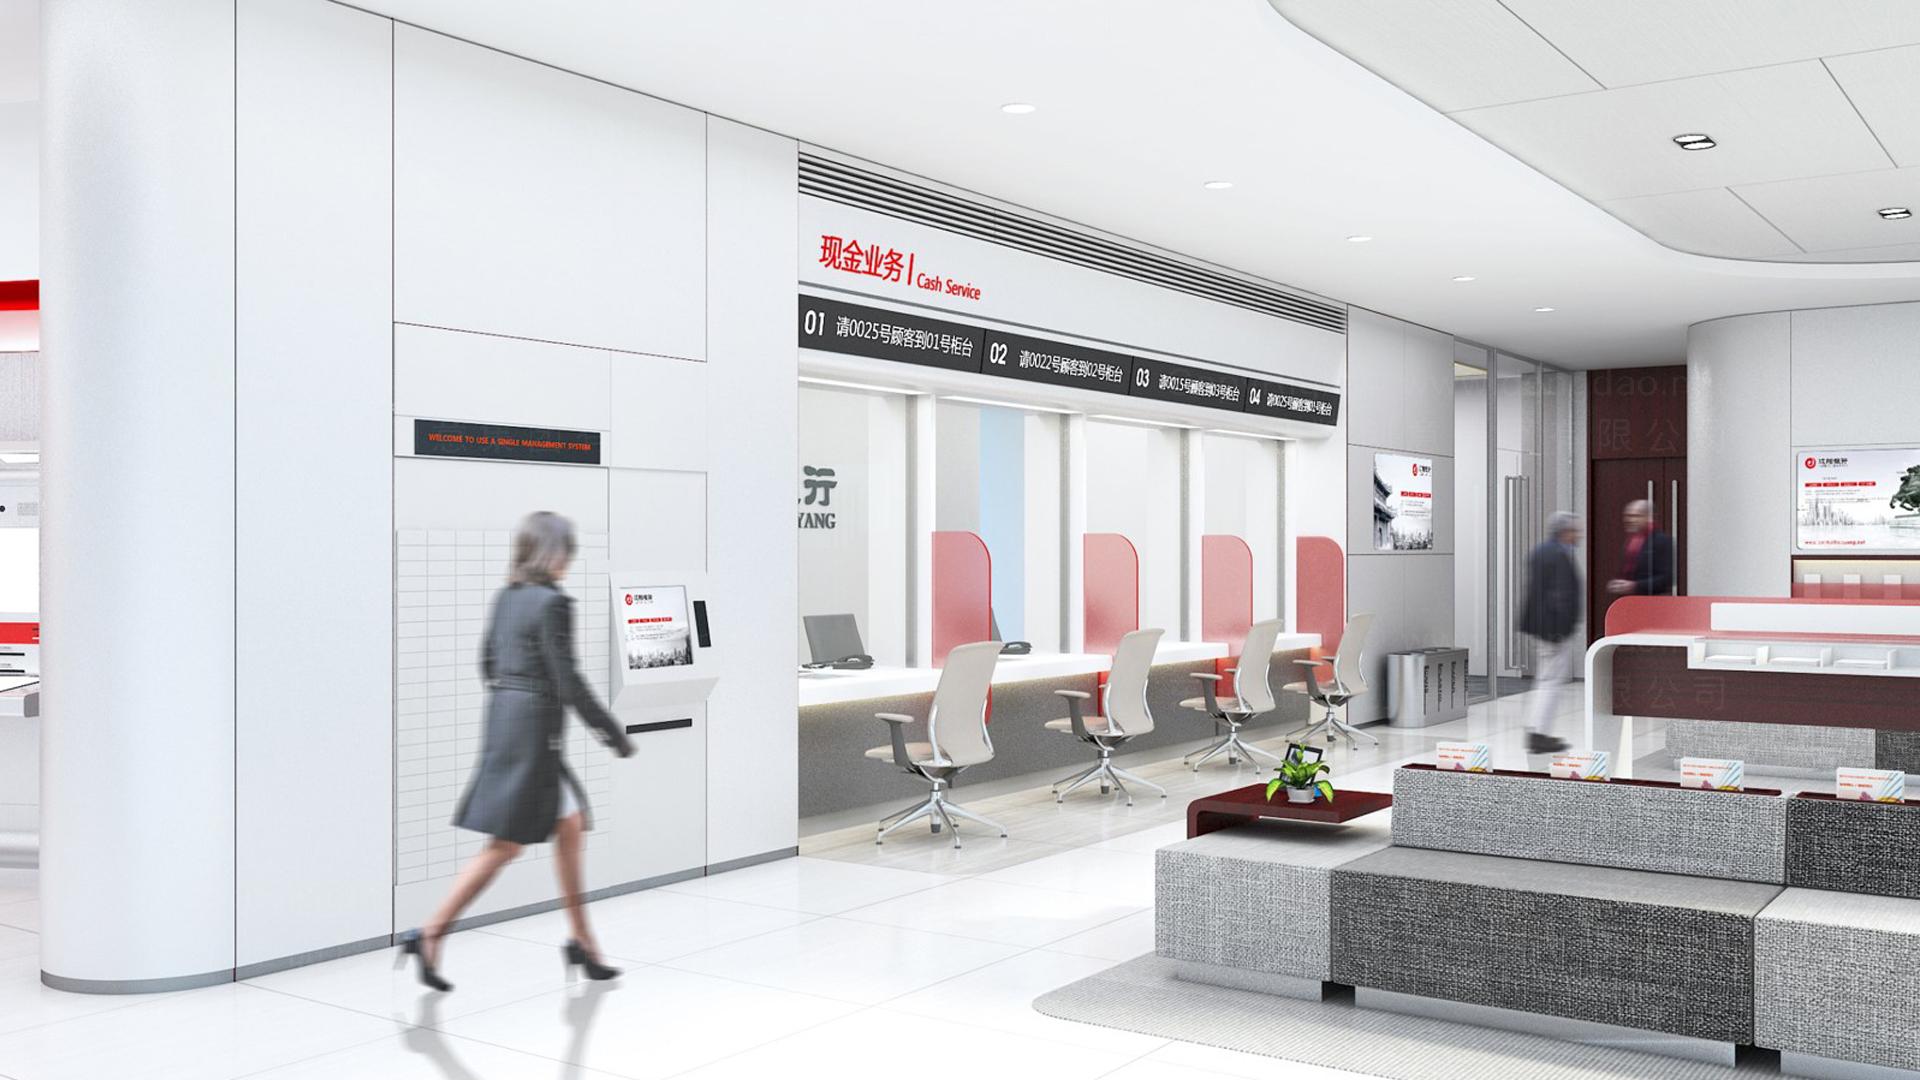 商业空间&导示辽阳银行银行网点风格设计应用